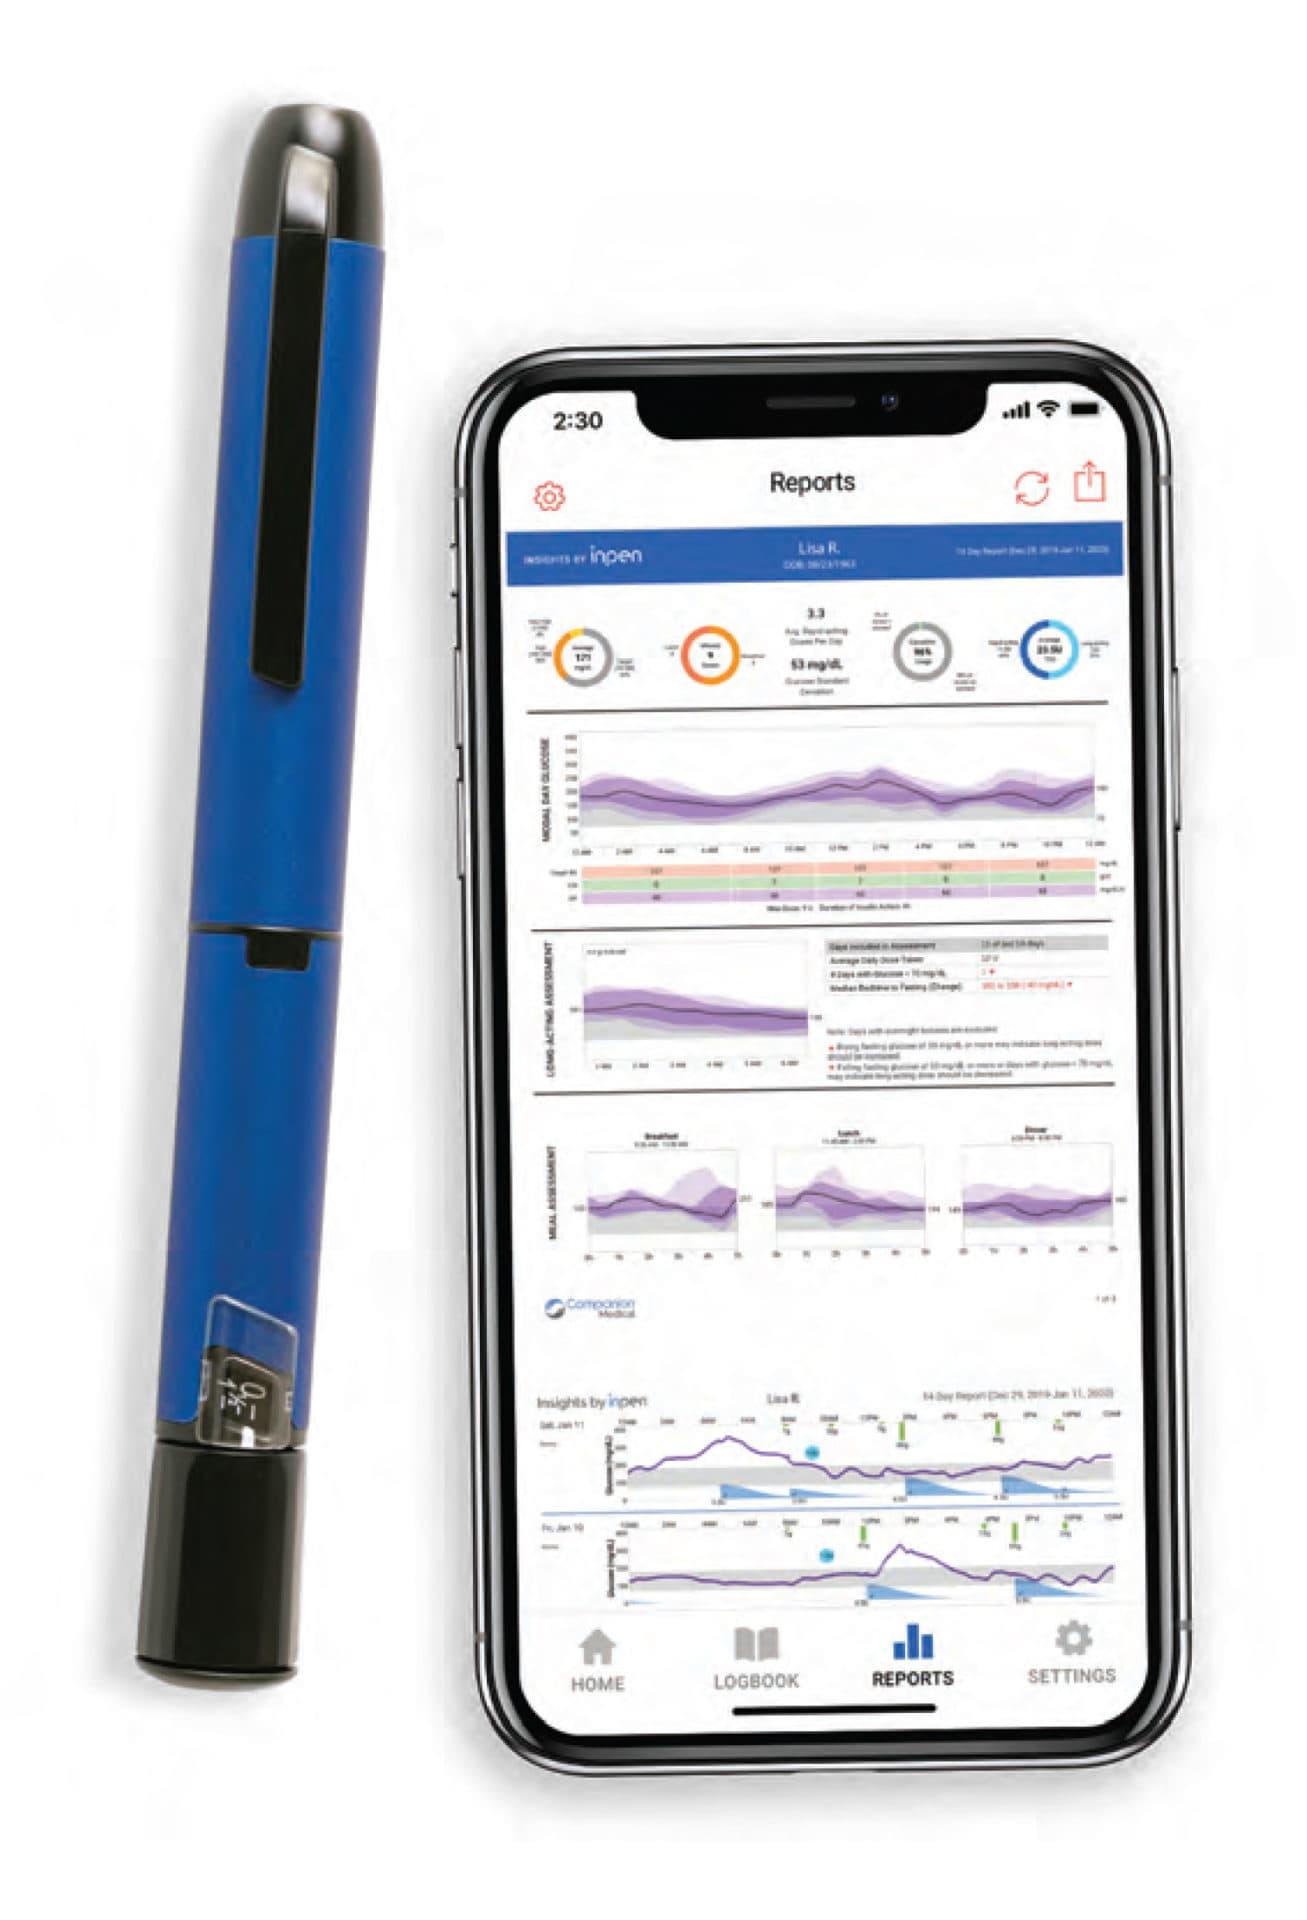 InPen - Smart Insulin Pen